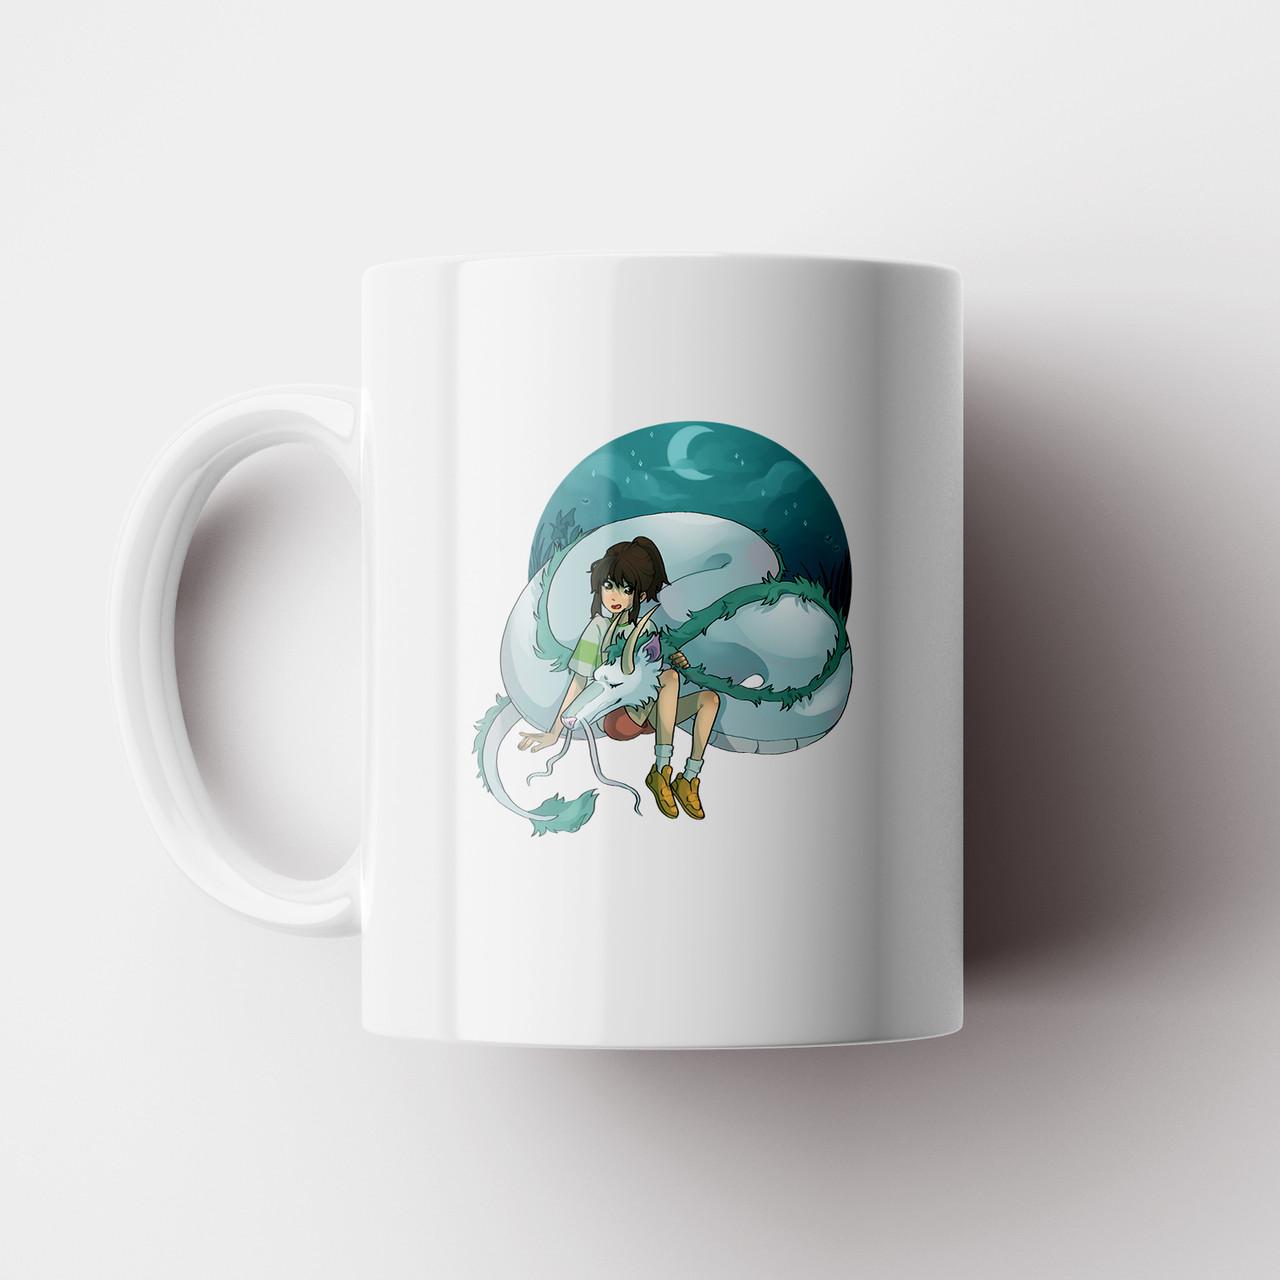 Чашка Віднесені привидами Дракон Хаку №12. Аніме